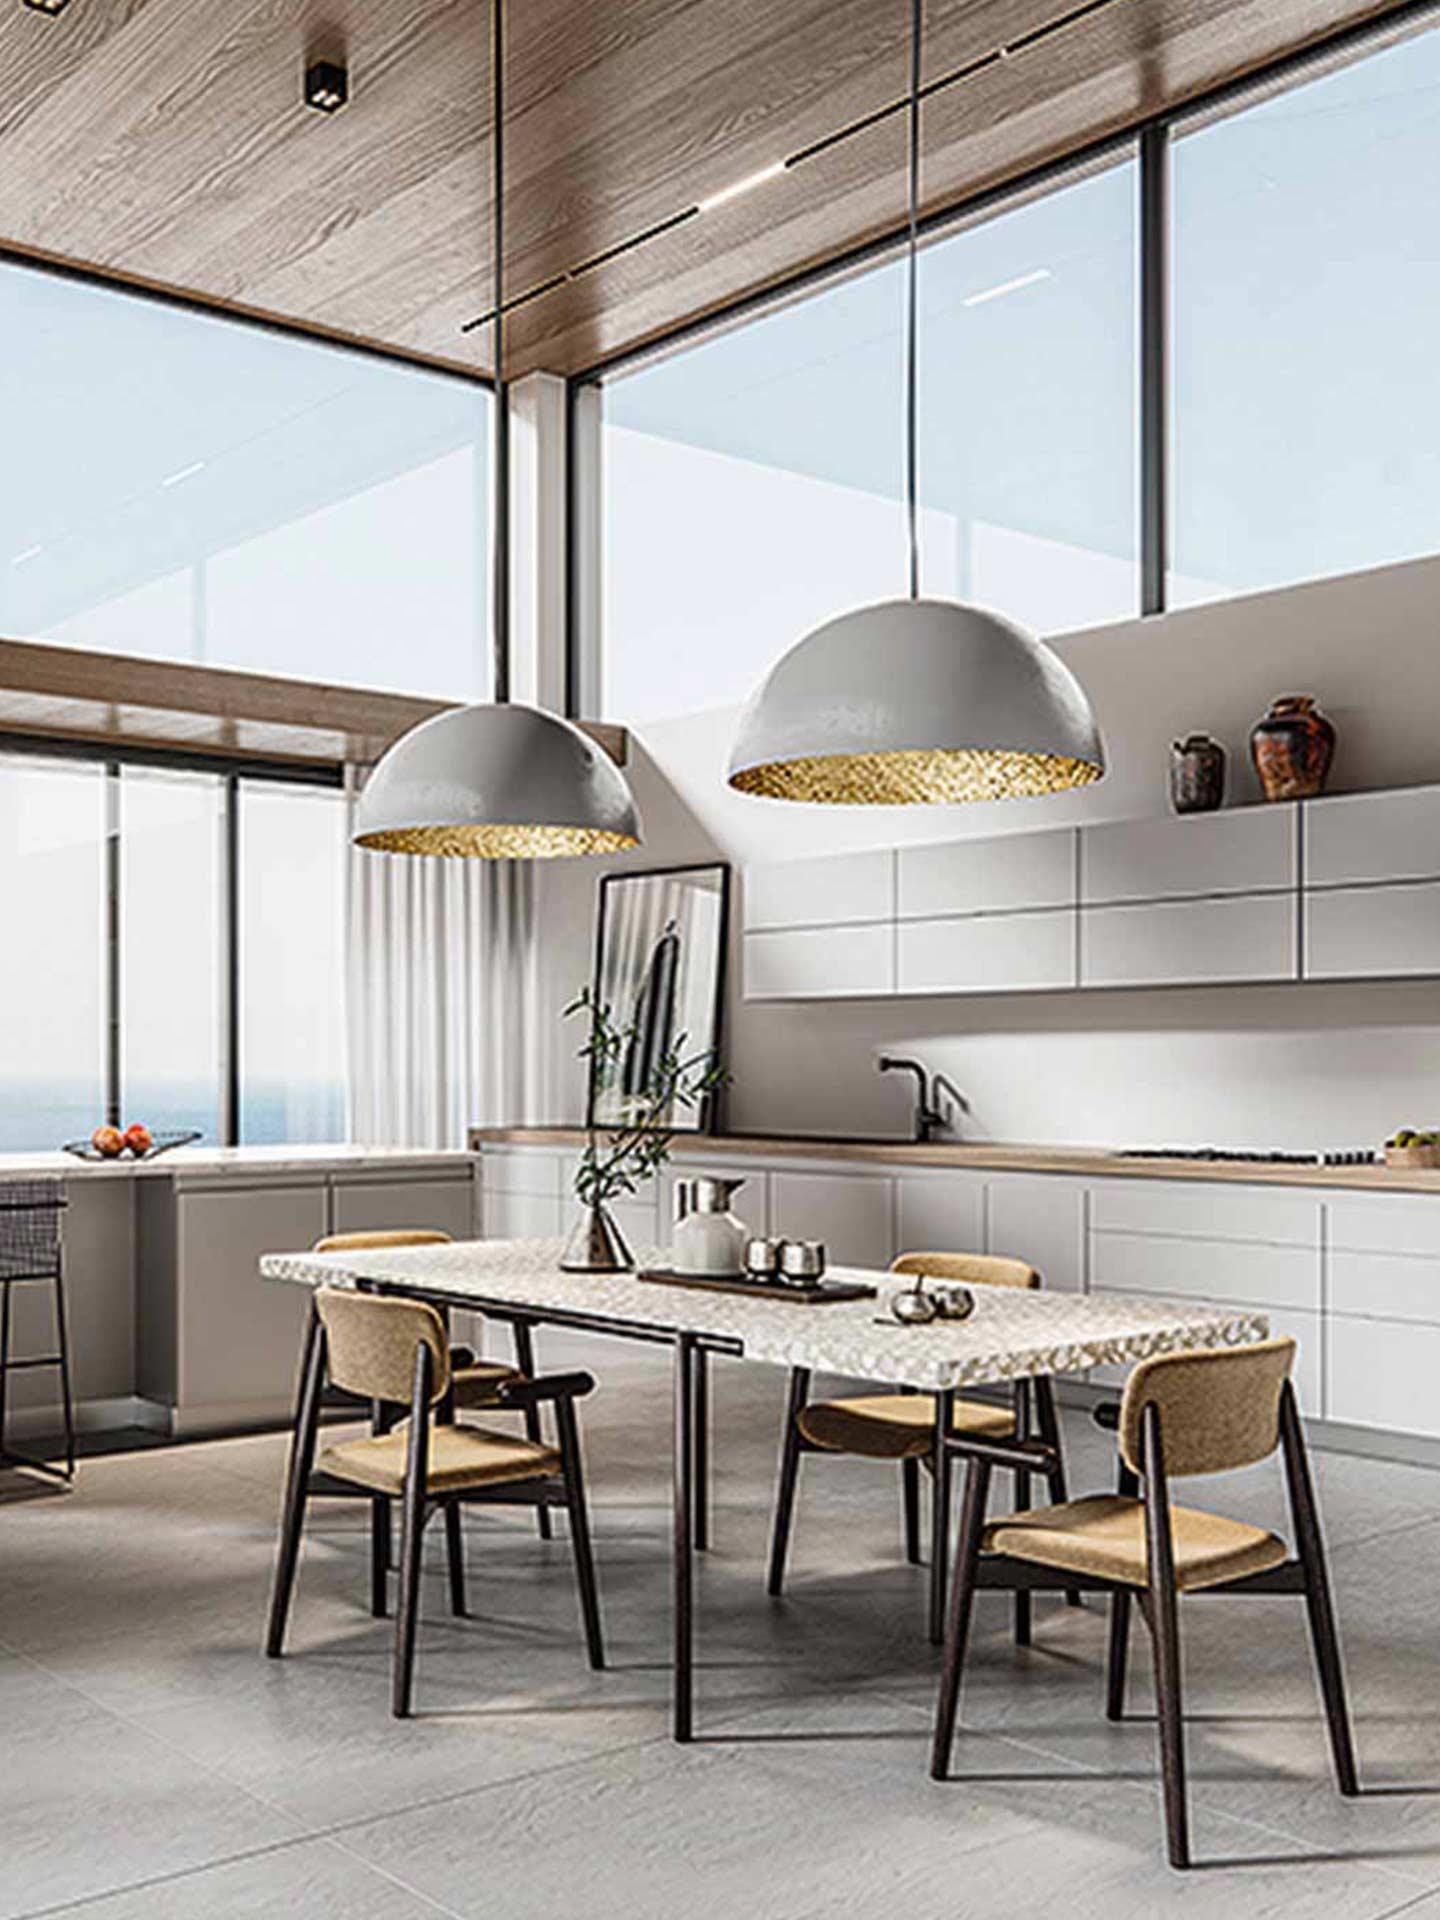 Brockhaus GmbH Immobilienmakler in Weinheim Bild gewerbliche objekte